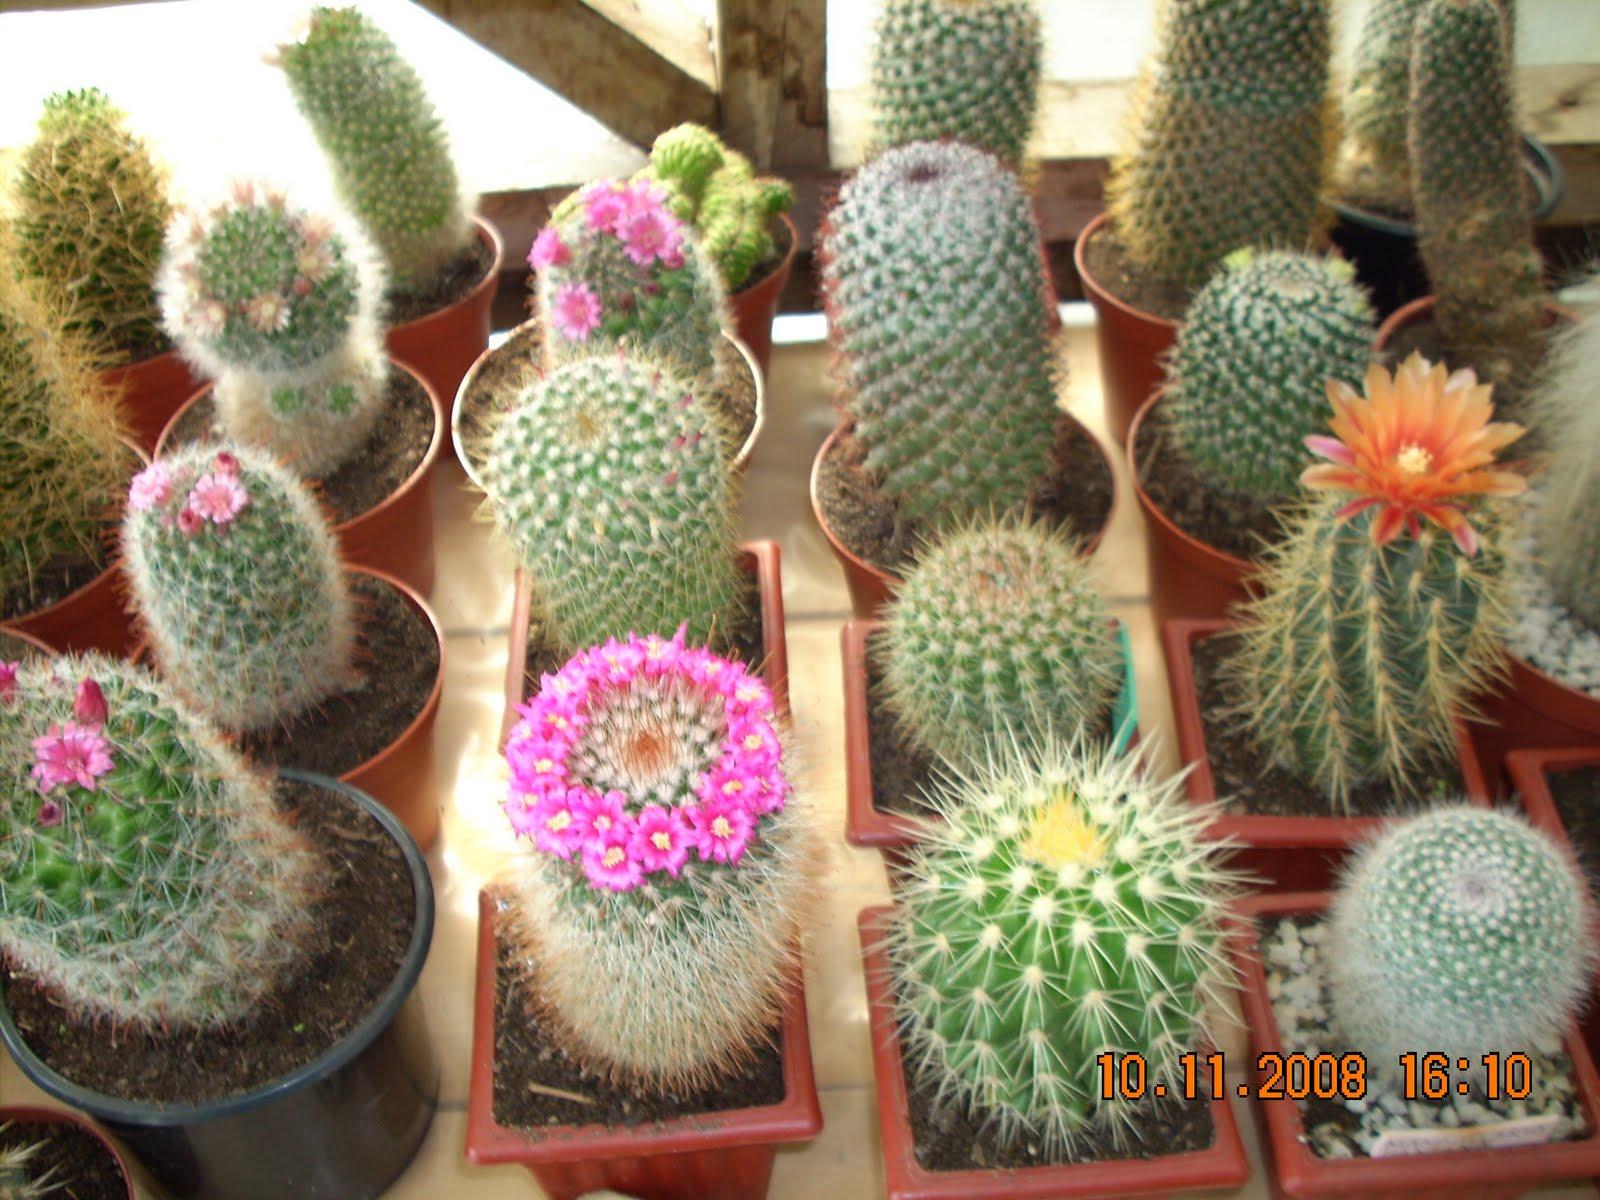 Centro cultural artenoble integrante de centro cultural for Fotos de cactus